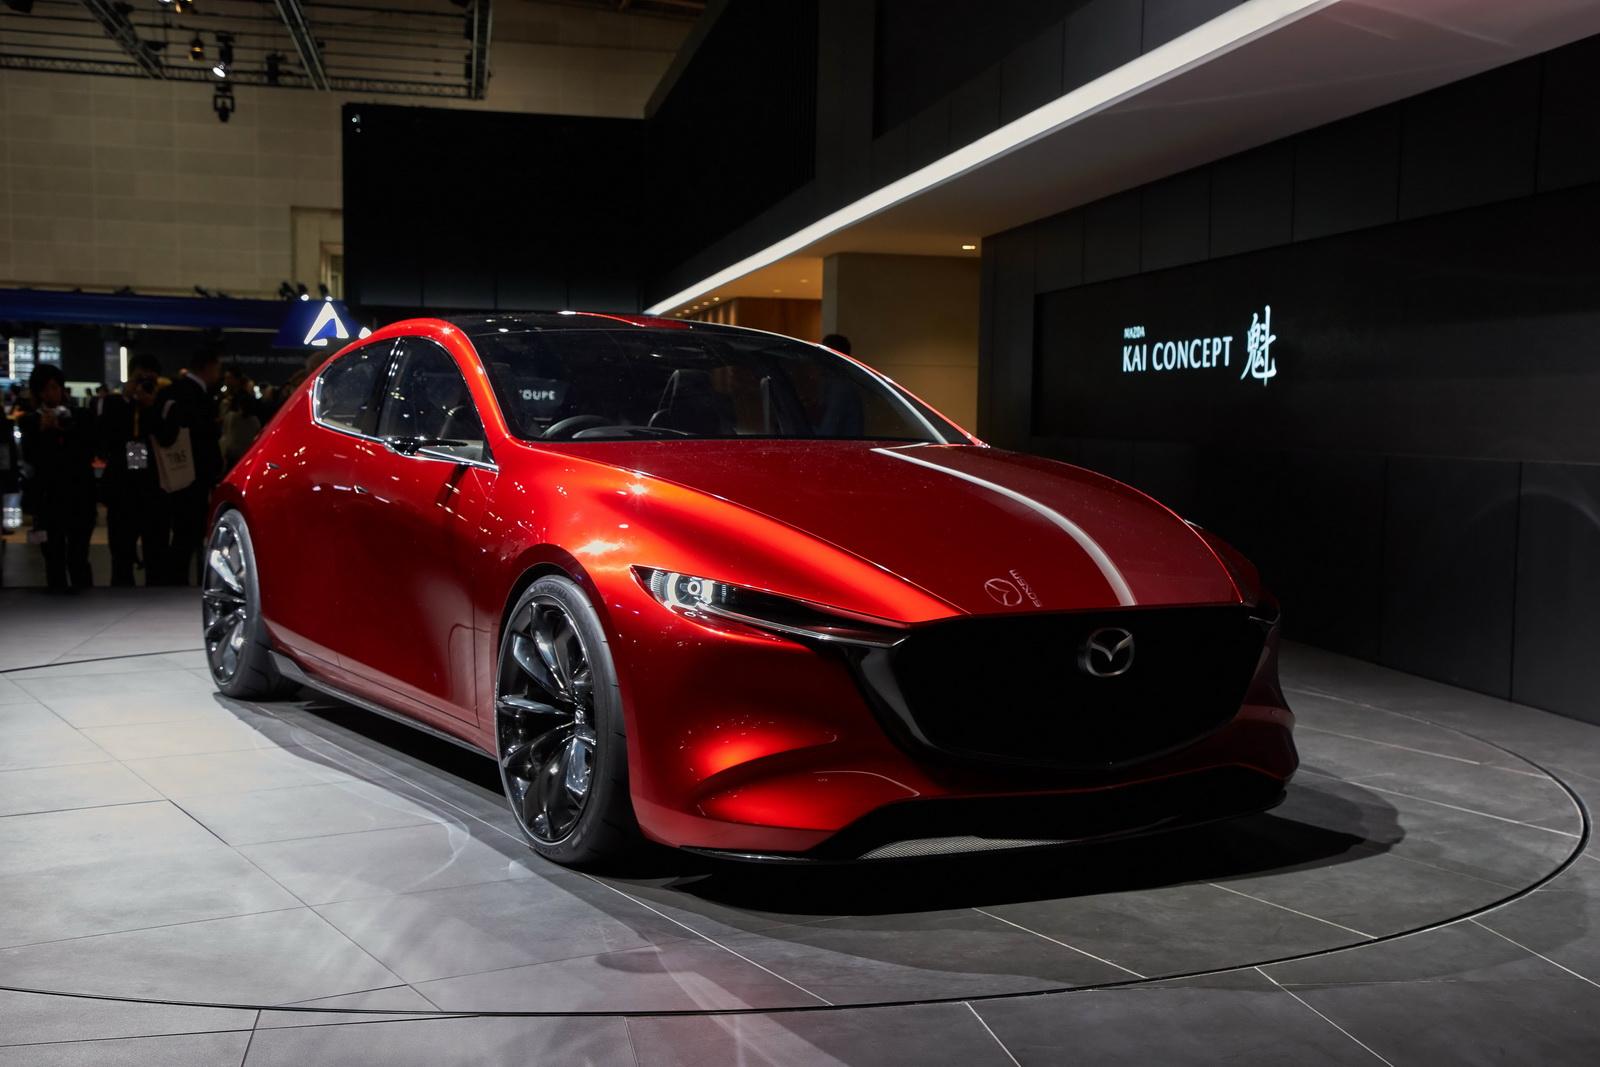 Mazda_Kai_Concept tokyo 2017 (45)